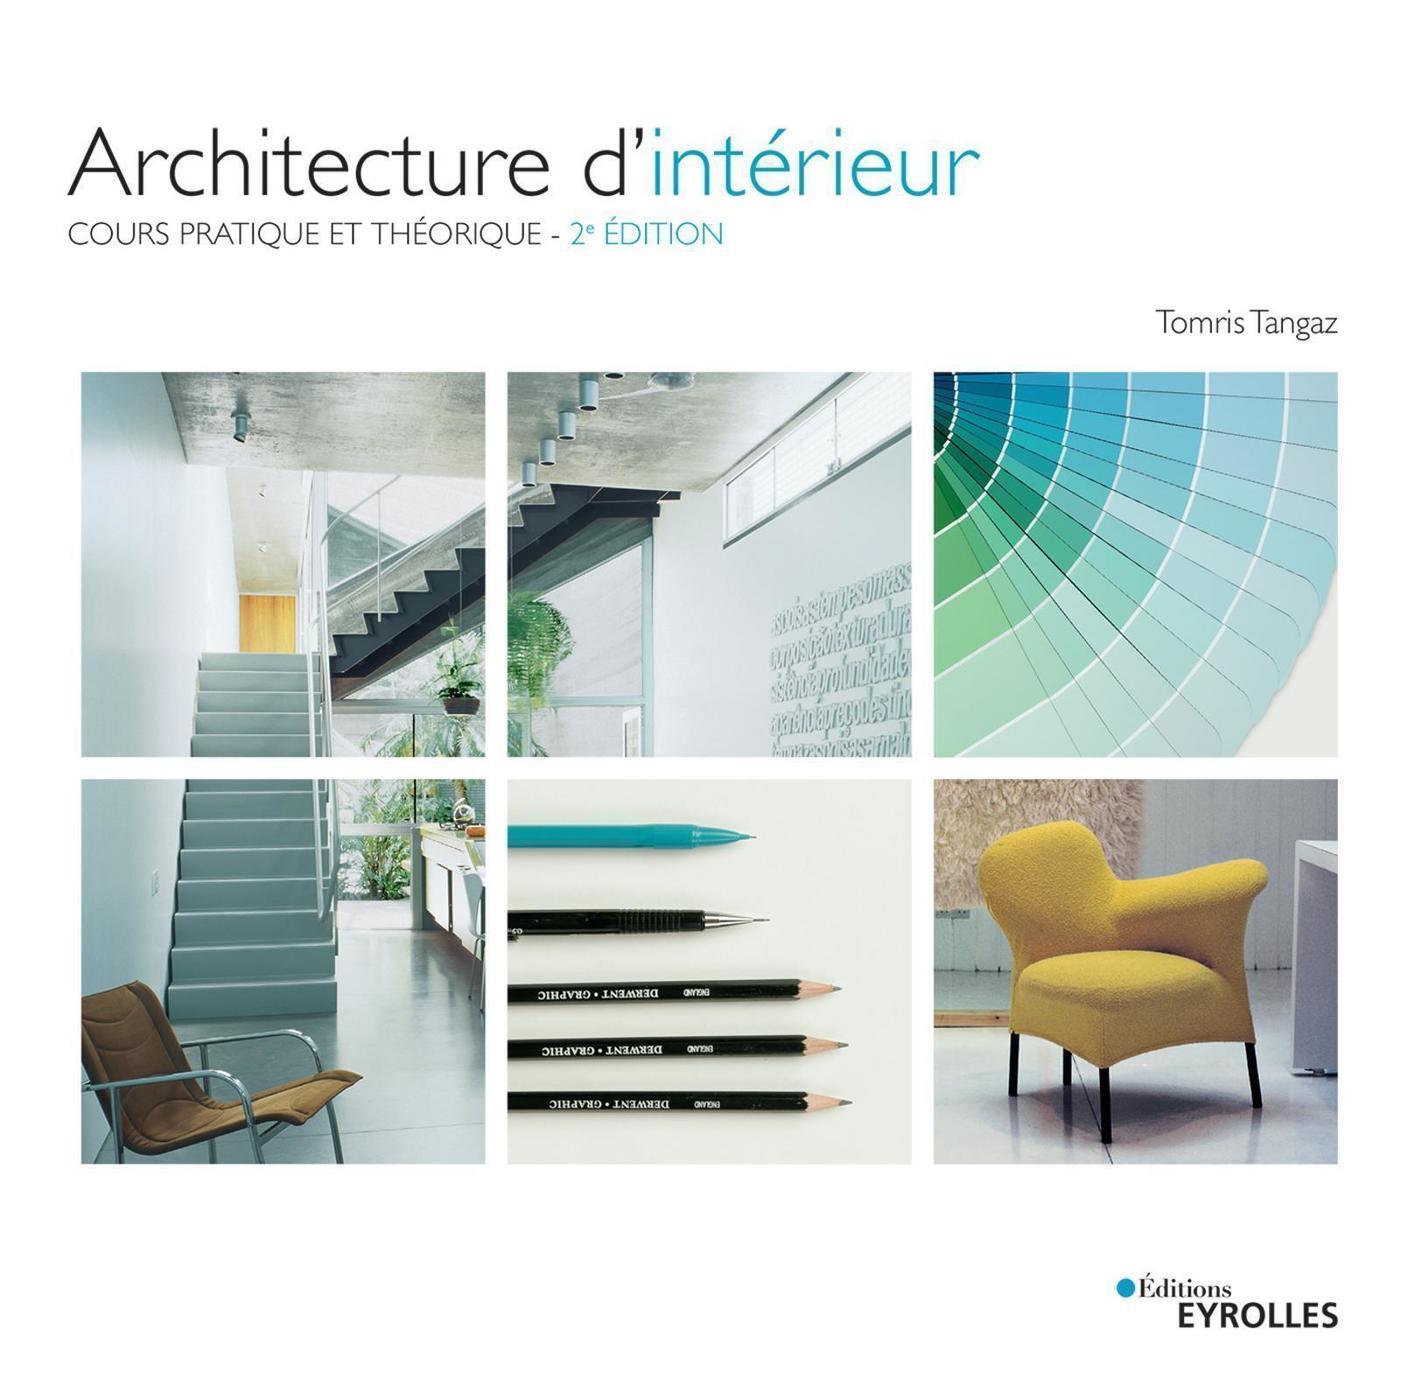 L Architecture D Intérieur architecture d'intérieur - t.tangaz - 2ème édition - librairie eyrolles